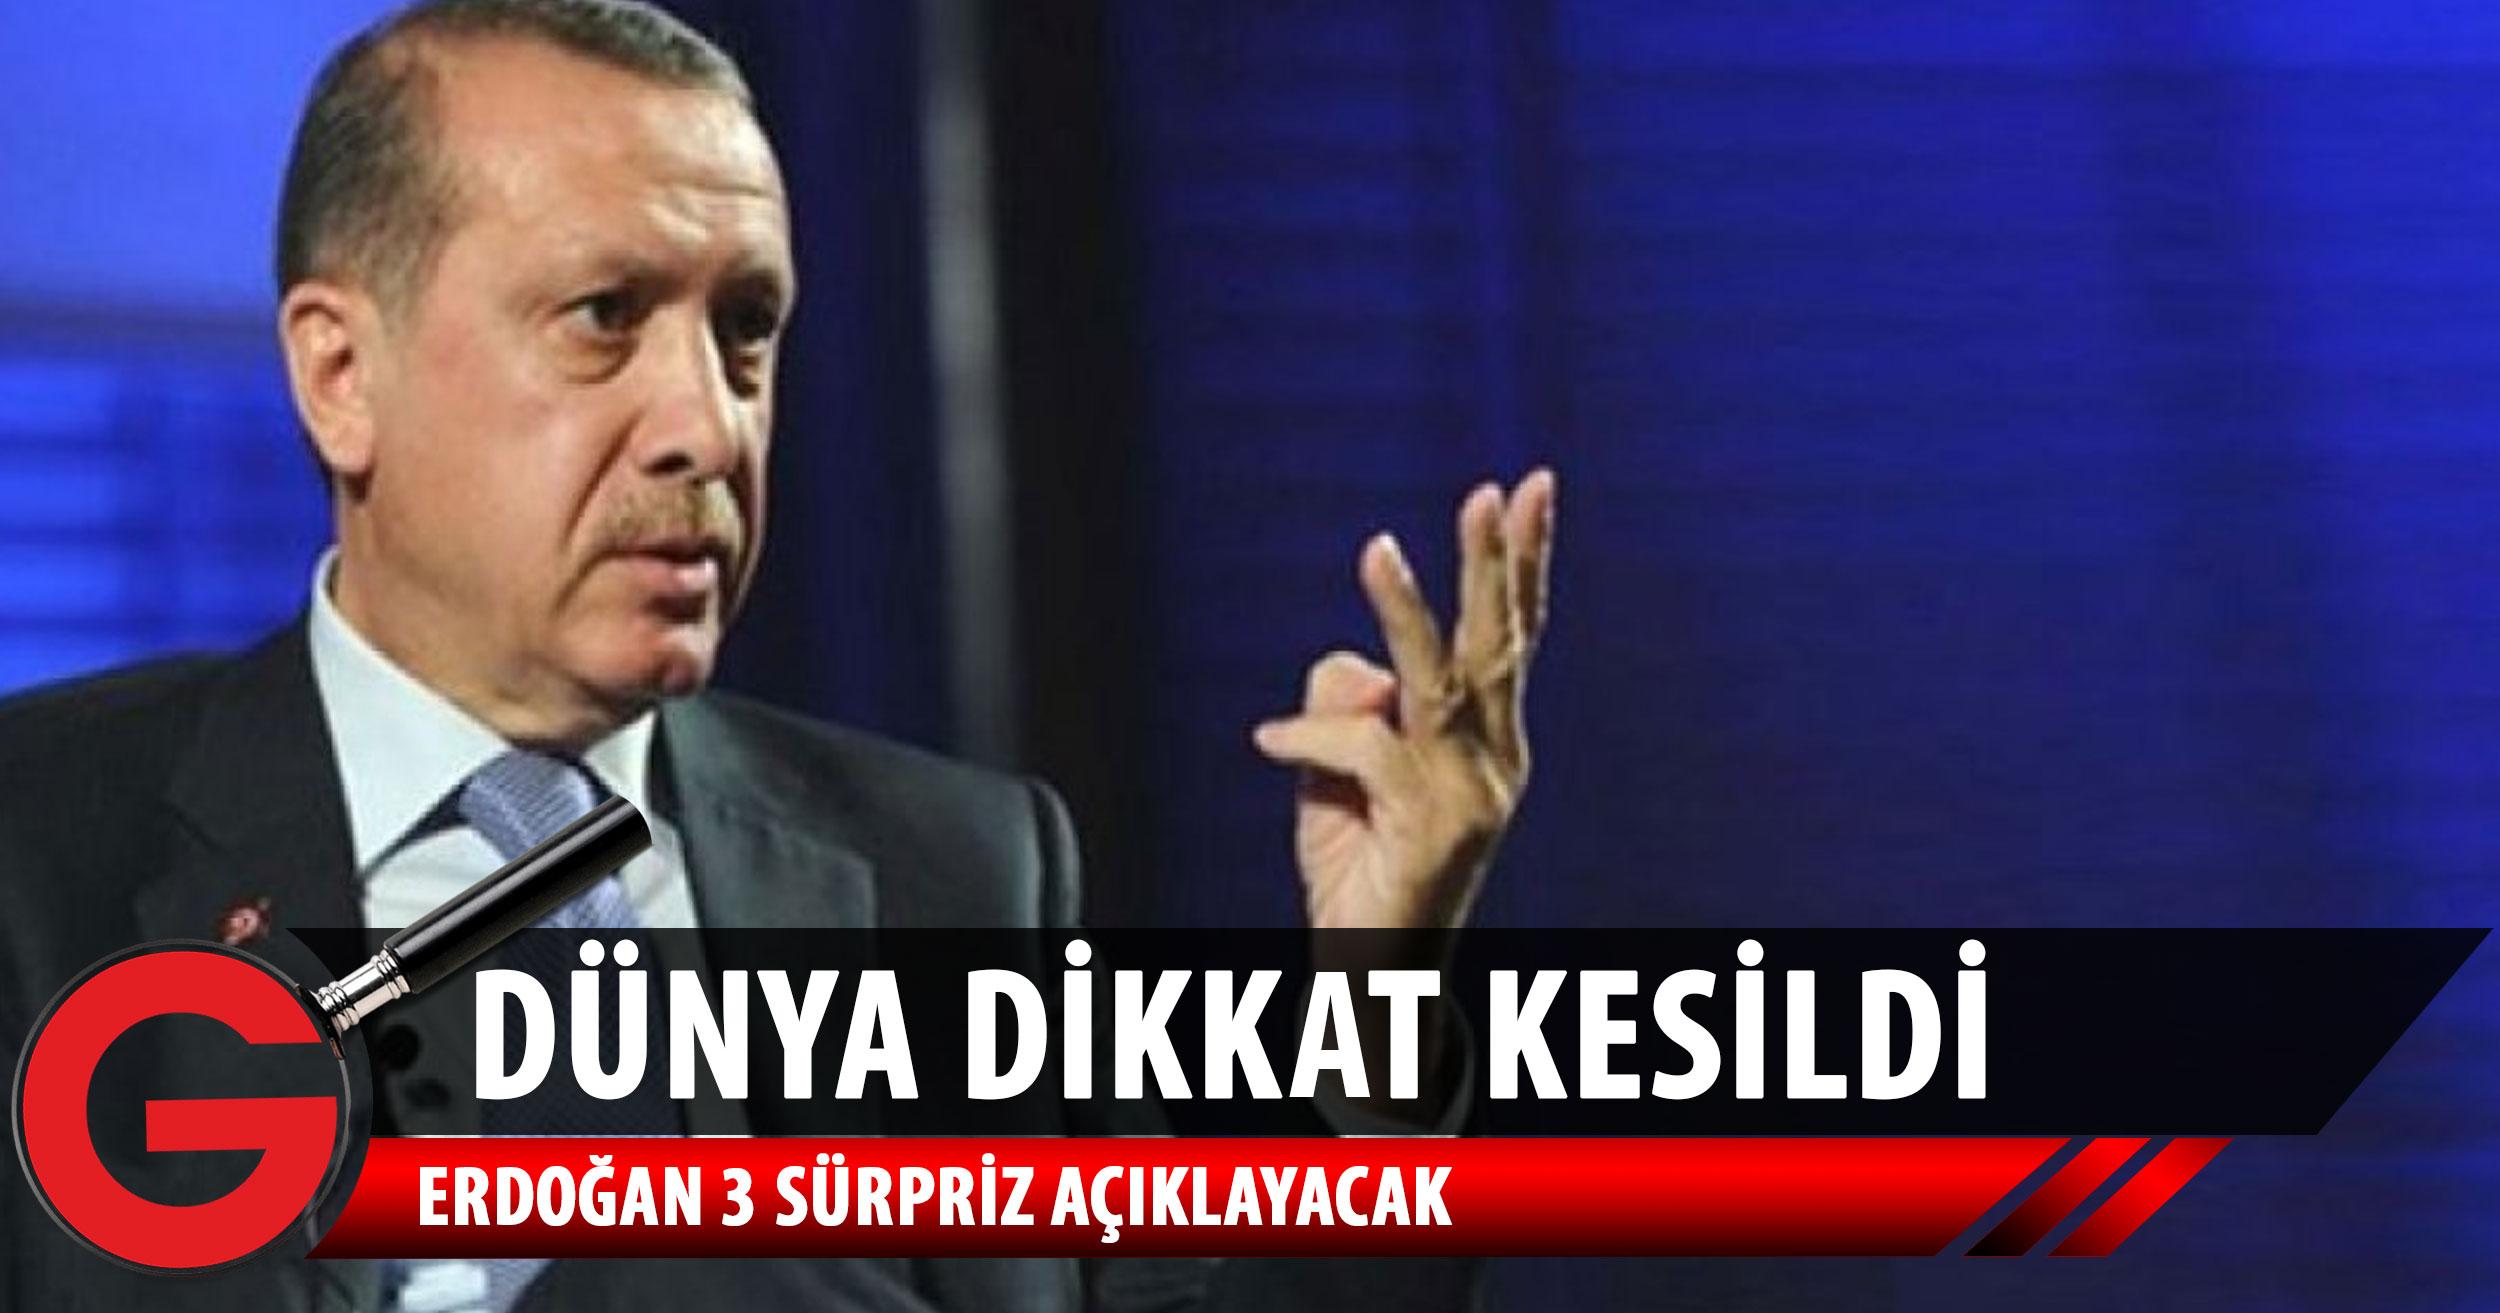 Herkes Erdoğan'ın açıklayacağı 3 sürprize odaklandı!